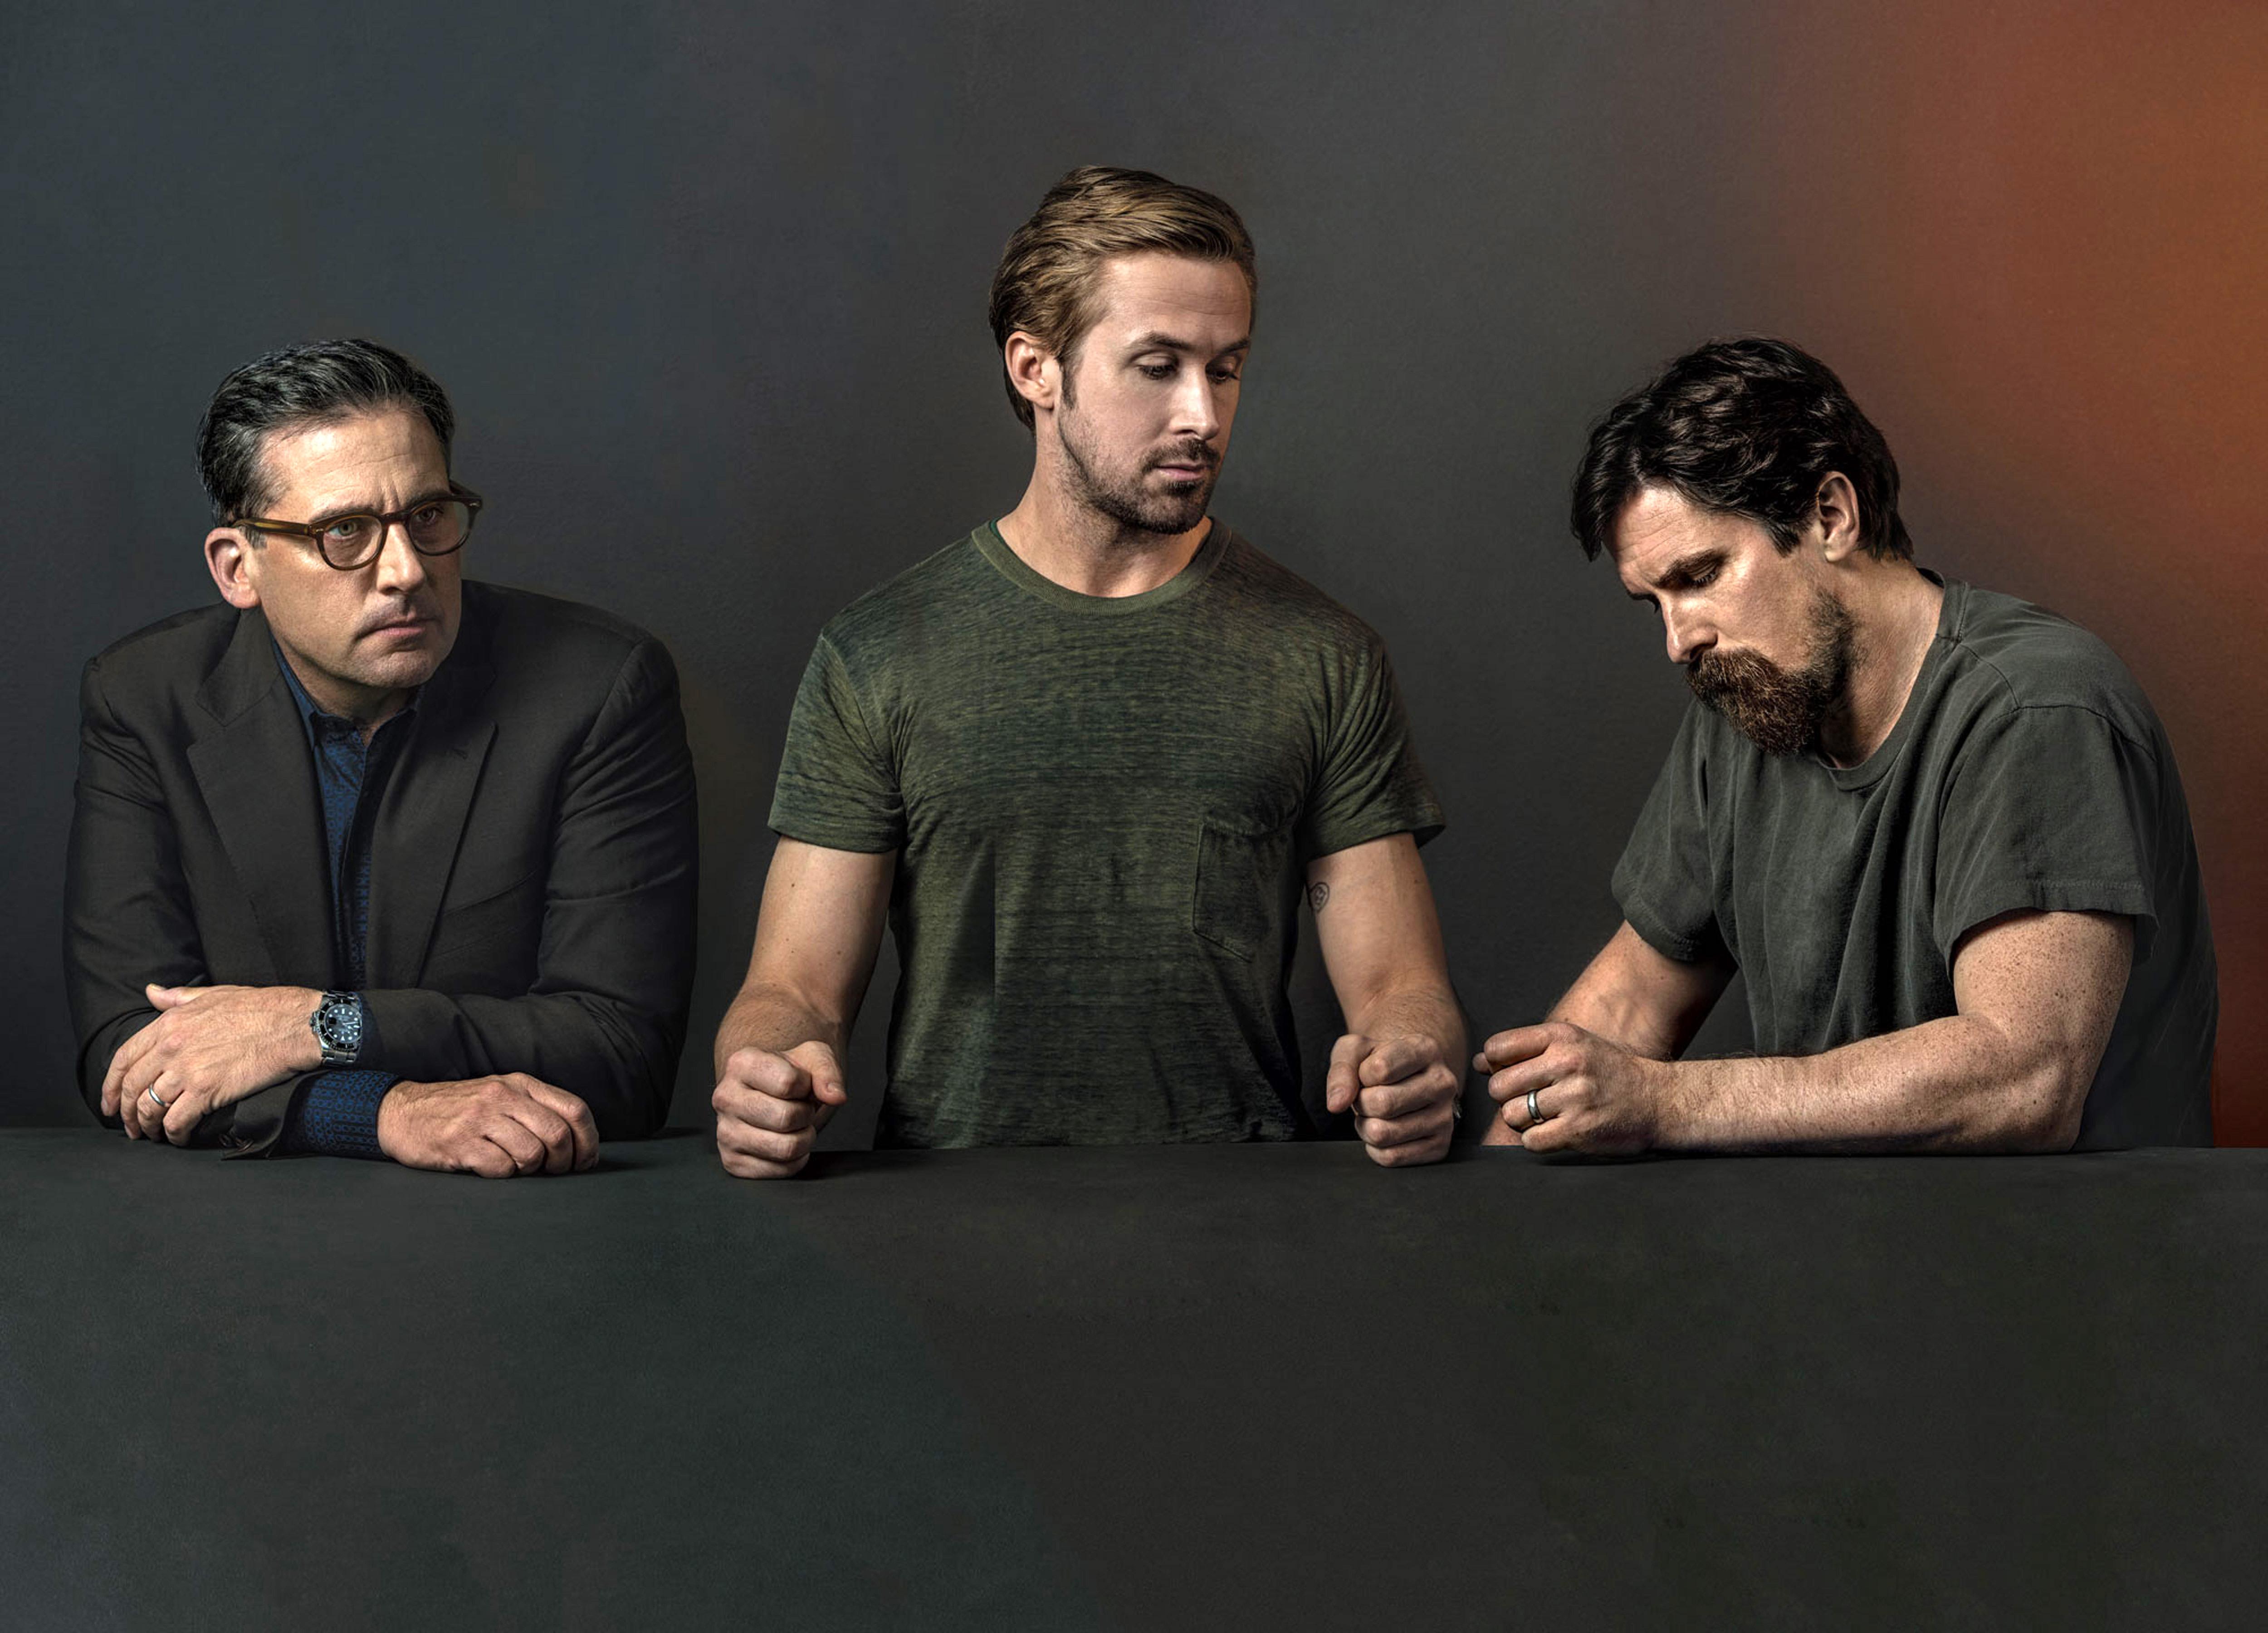 Ryan Gosling, Christian Bale + Steve Carell Cover New York Magazine